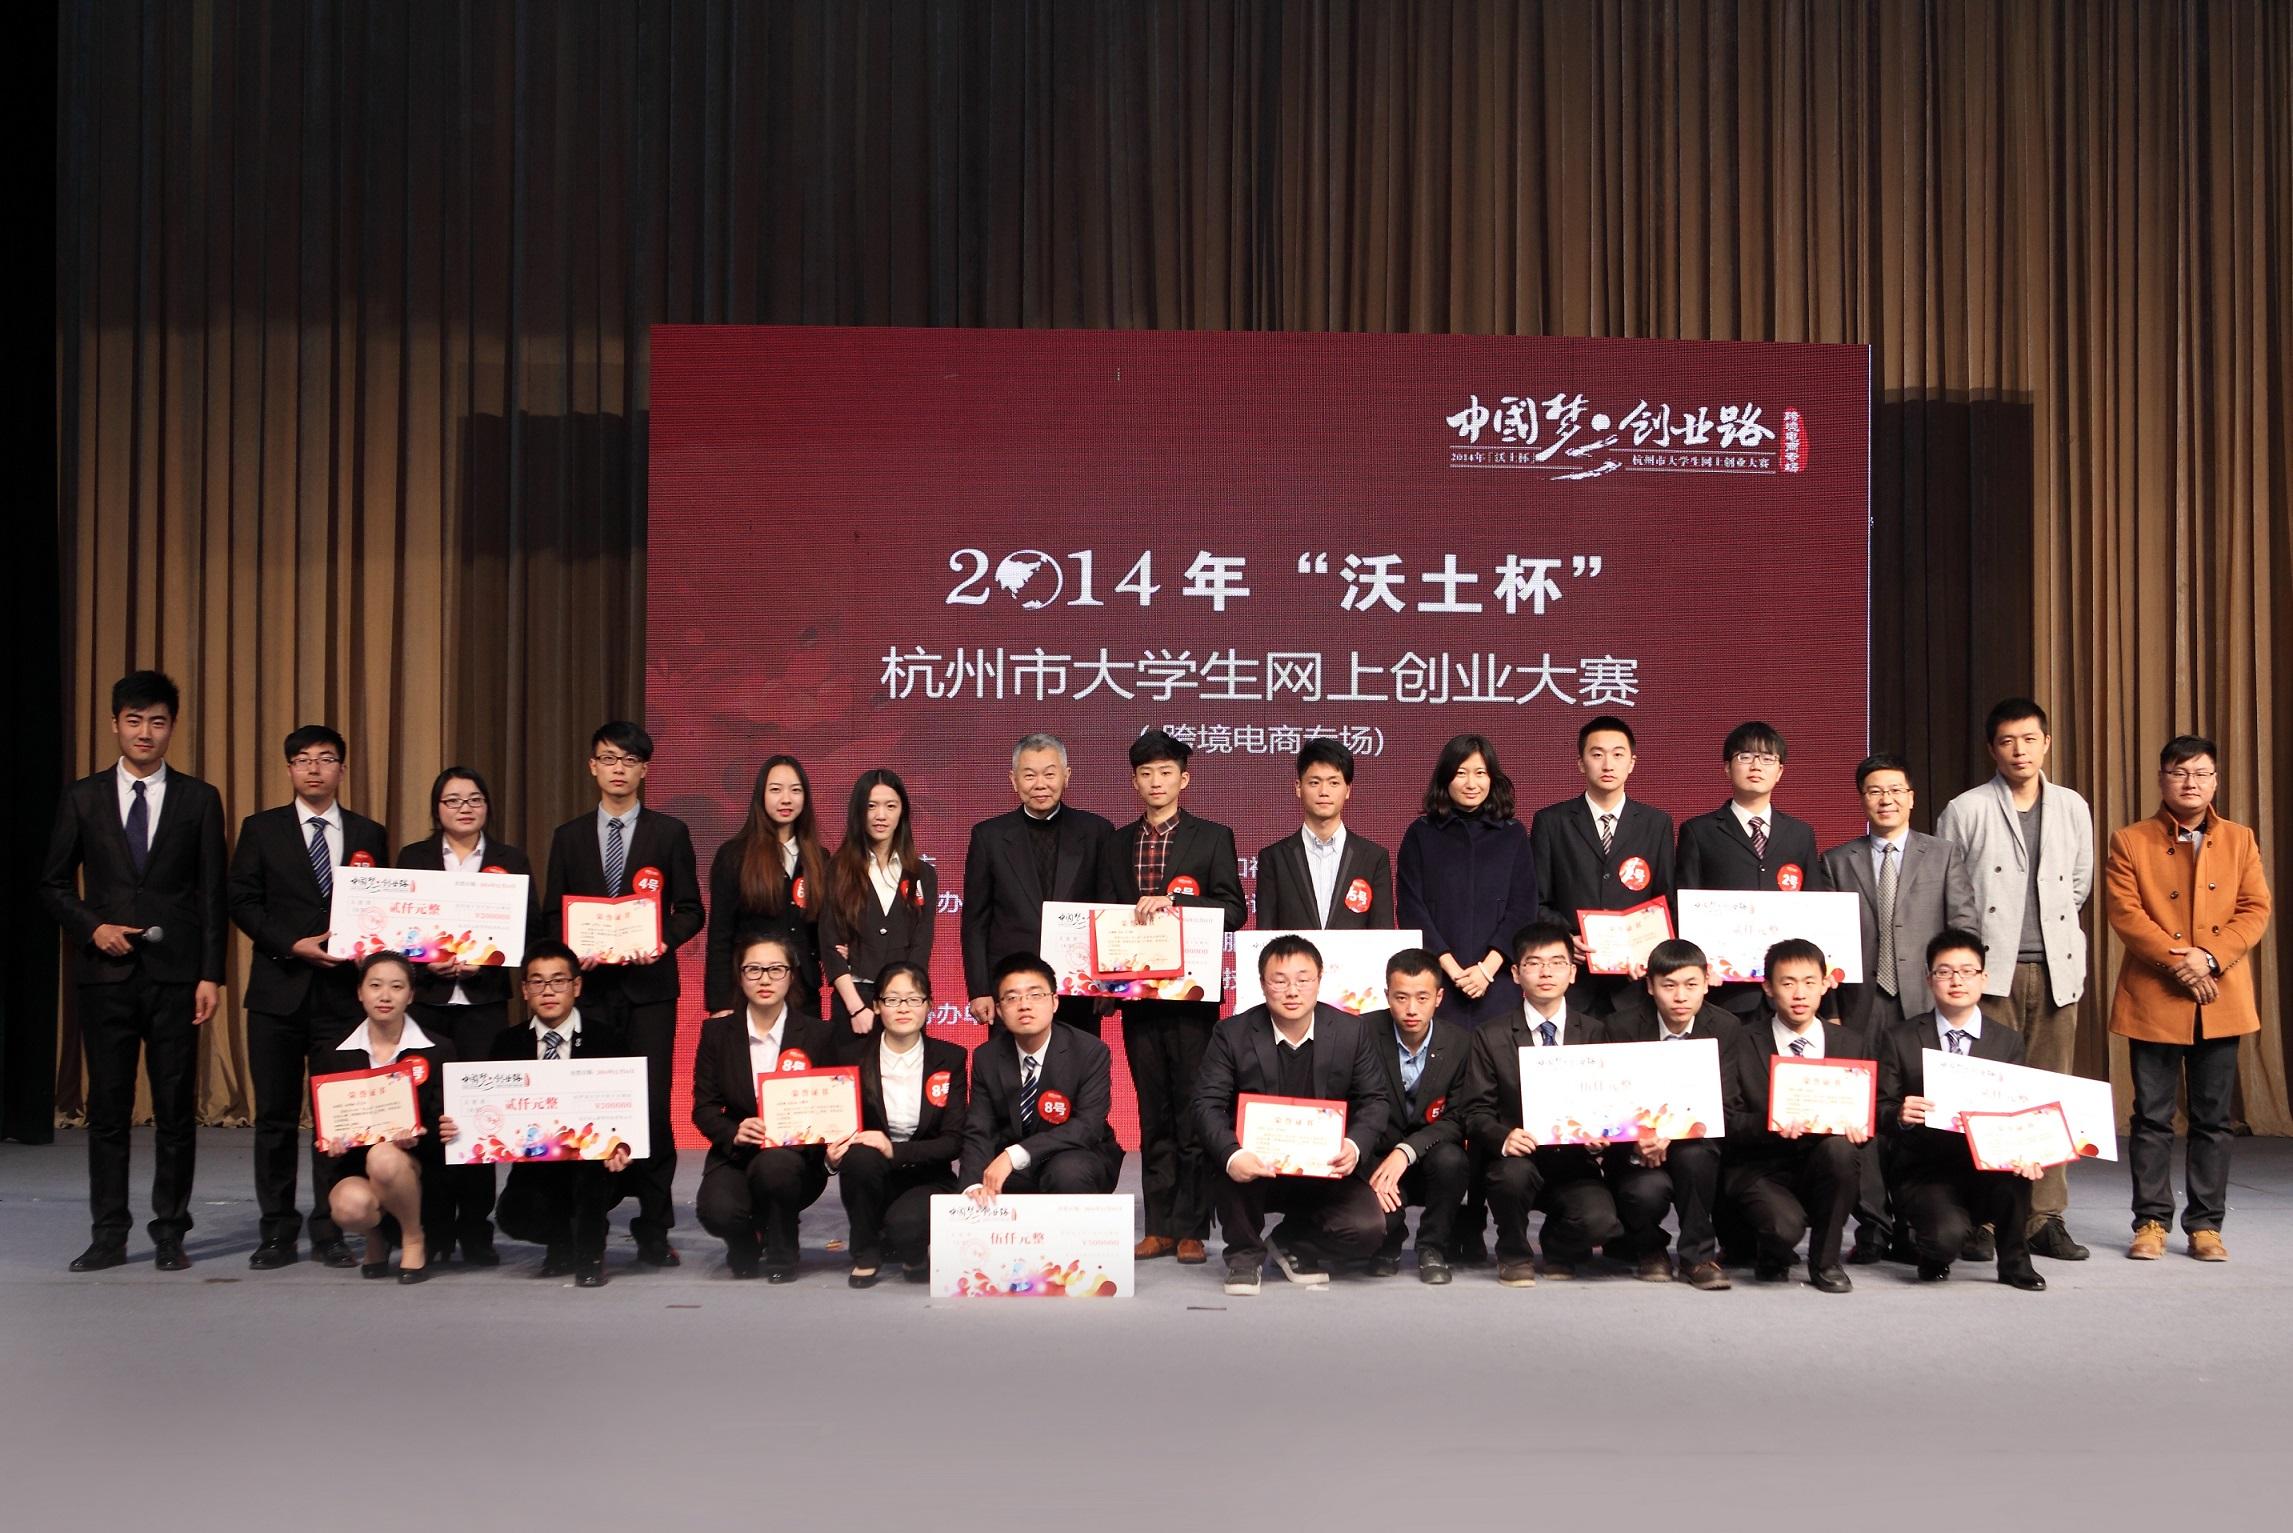 以热血的青春开启中国梦 以无悔的年华践行创业路